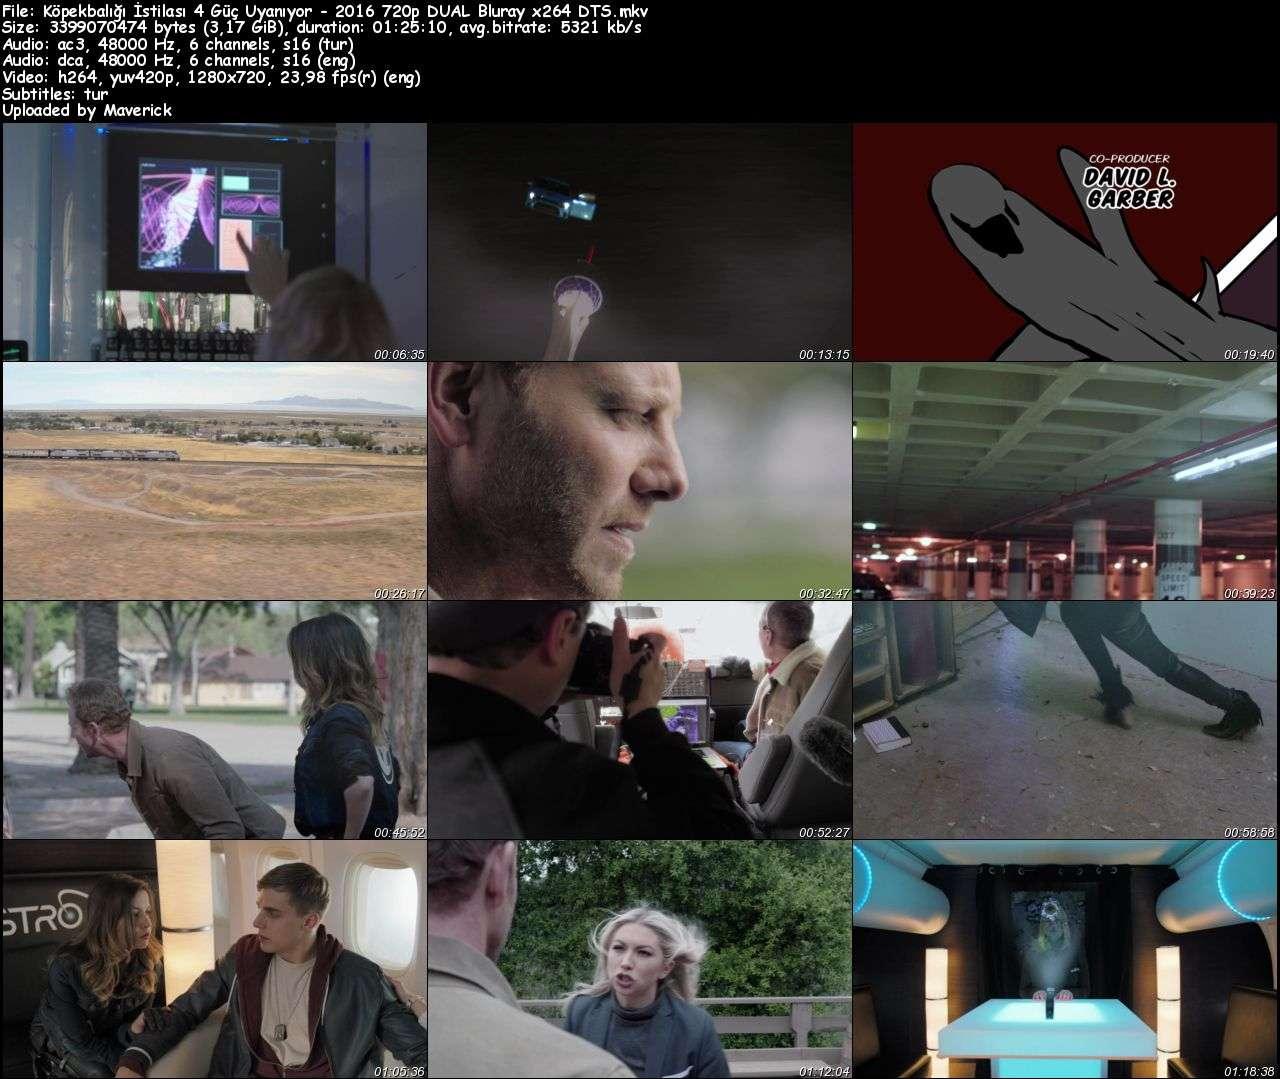 Köpekbalığı İstilası 4 Güç Uyanıyor - 2016 BluRay (720p - 1080p) DuaL MKV indir